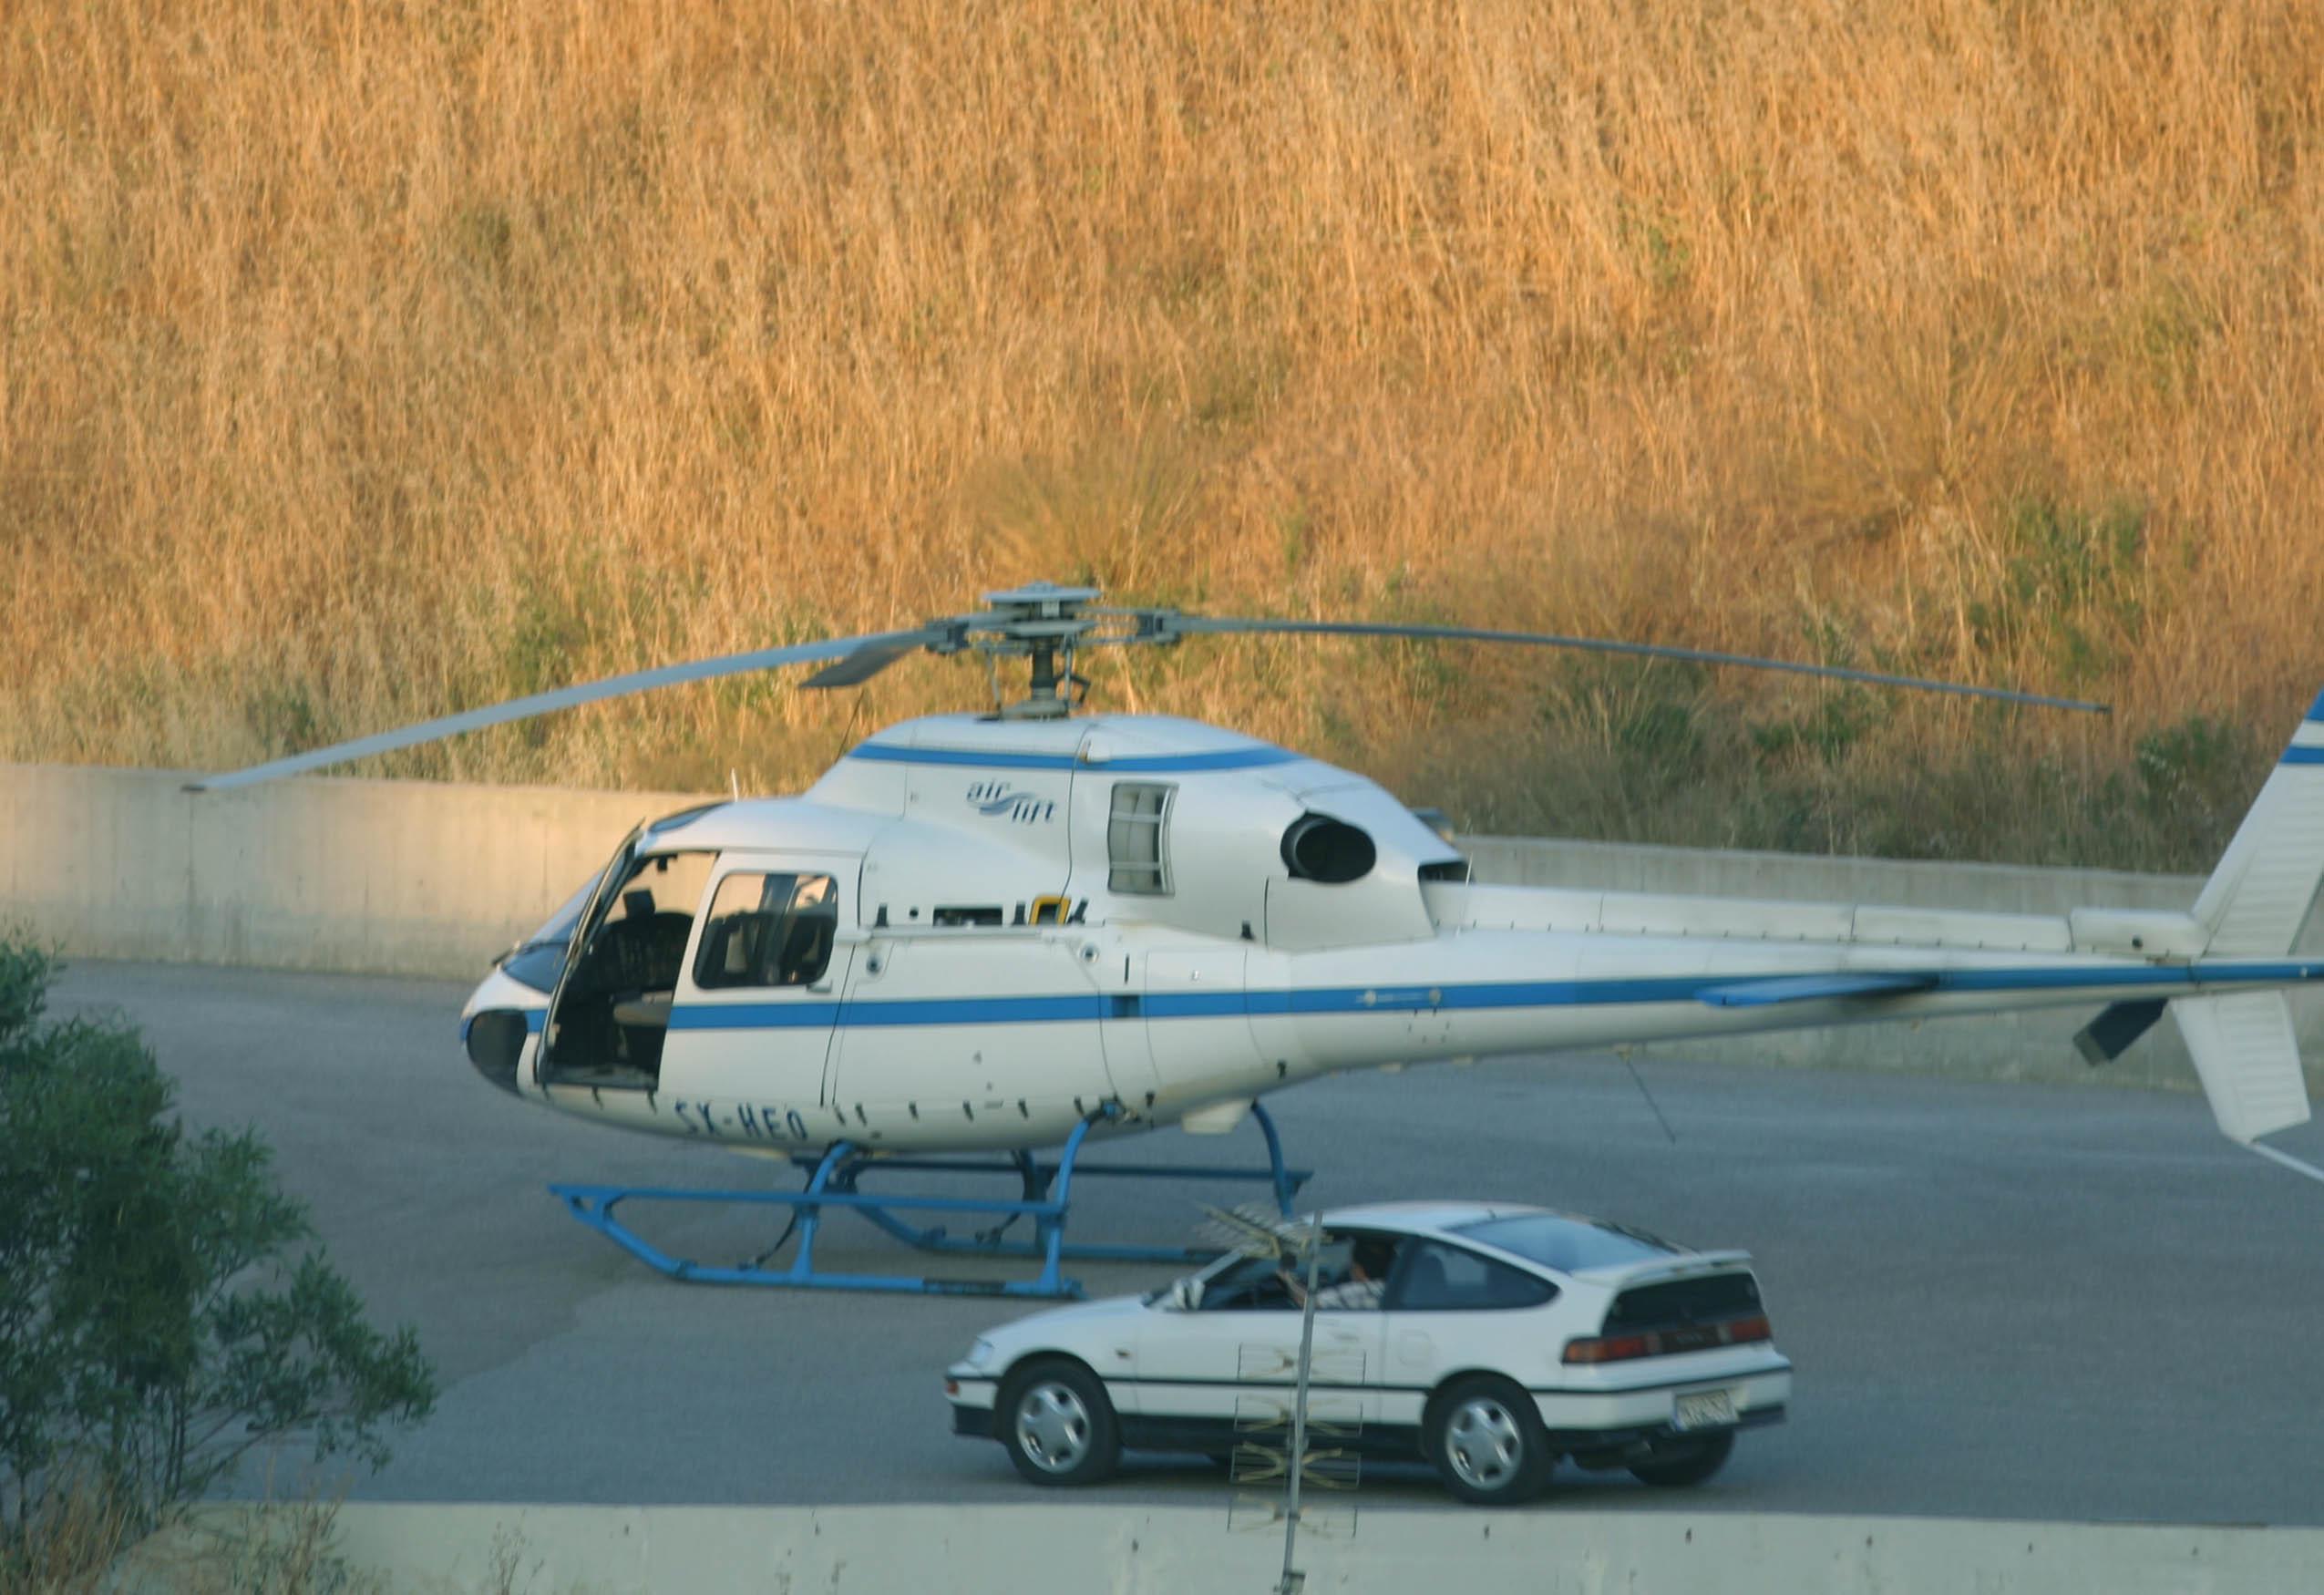 Βασίλης Παλαιοκώστας: Η απόδραση με το ελικόπτερο.